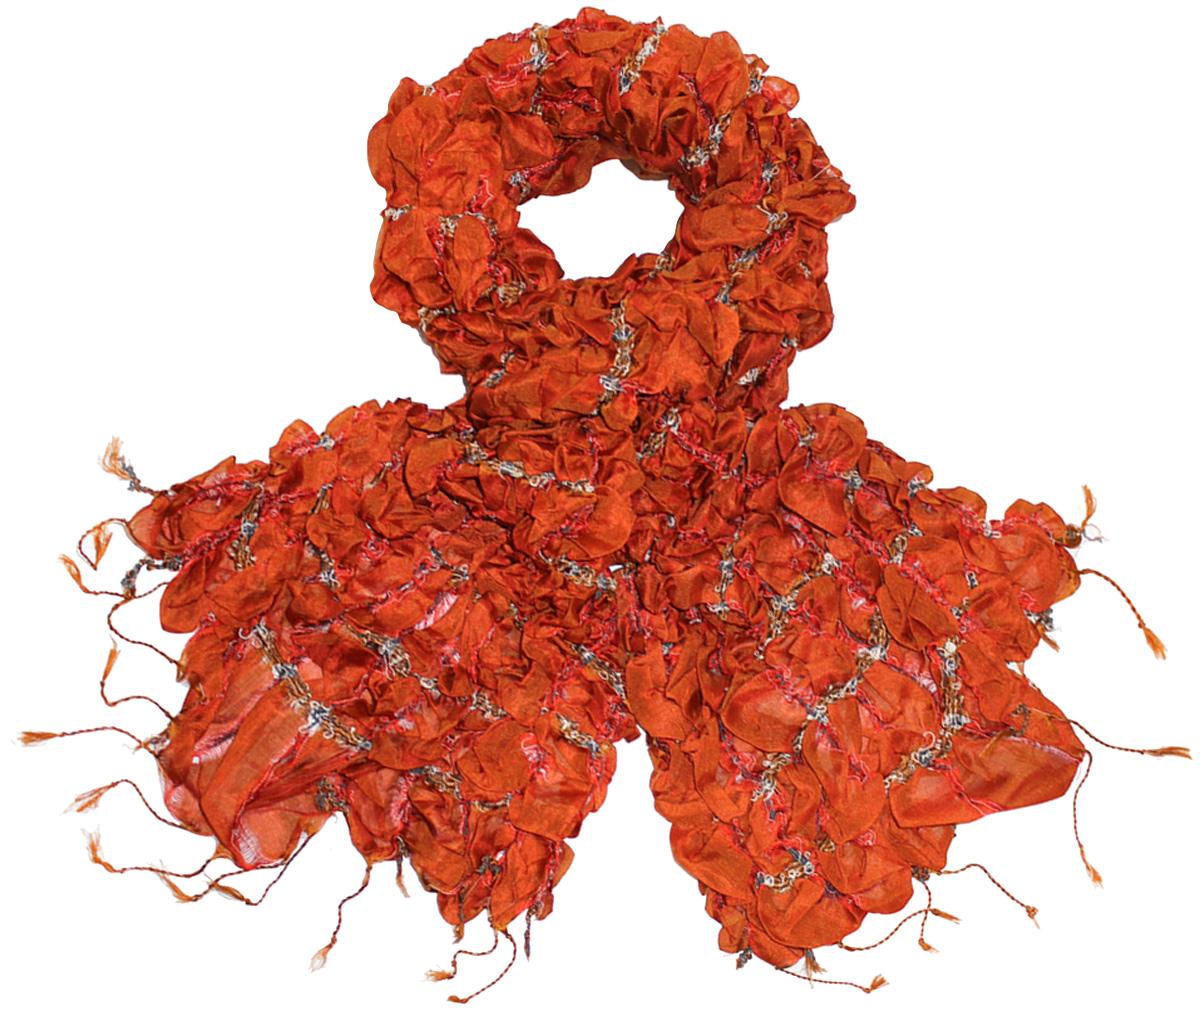 Шарф женский Ethnica, цвет: оранжевый. 511250. Размер 30 см х 160 см511250Женский шарф Ethnica, изготовленный из 100% шелка, подчеркнет вашу индивидуальность. Благодаря своему составу, он легкий, мягкий и приятный на ощупь. Изделие выполнено в оригинальном дизайне и дополнено кисточками.Такой аксессуар станет стильным дополнением к гардеробу современной женщины.